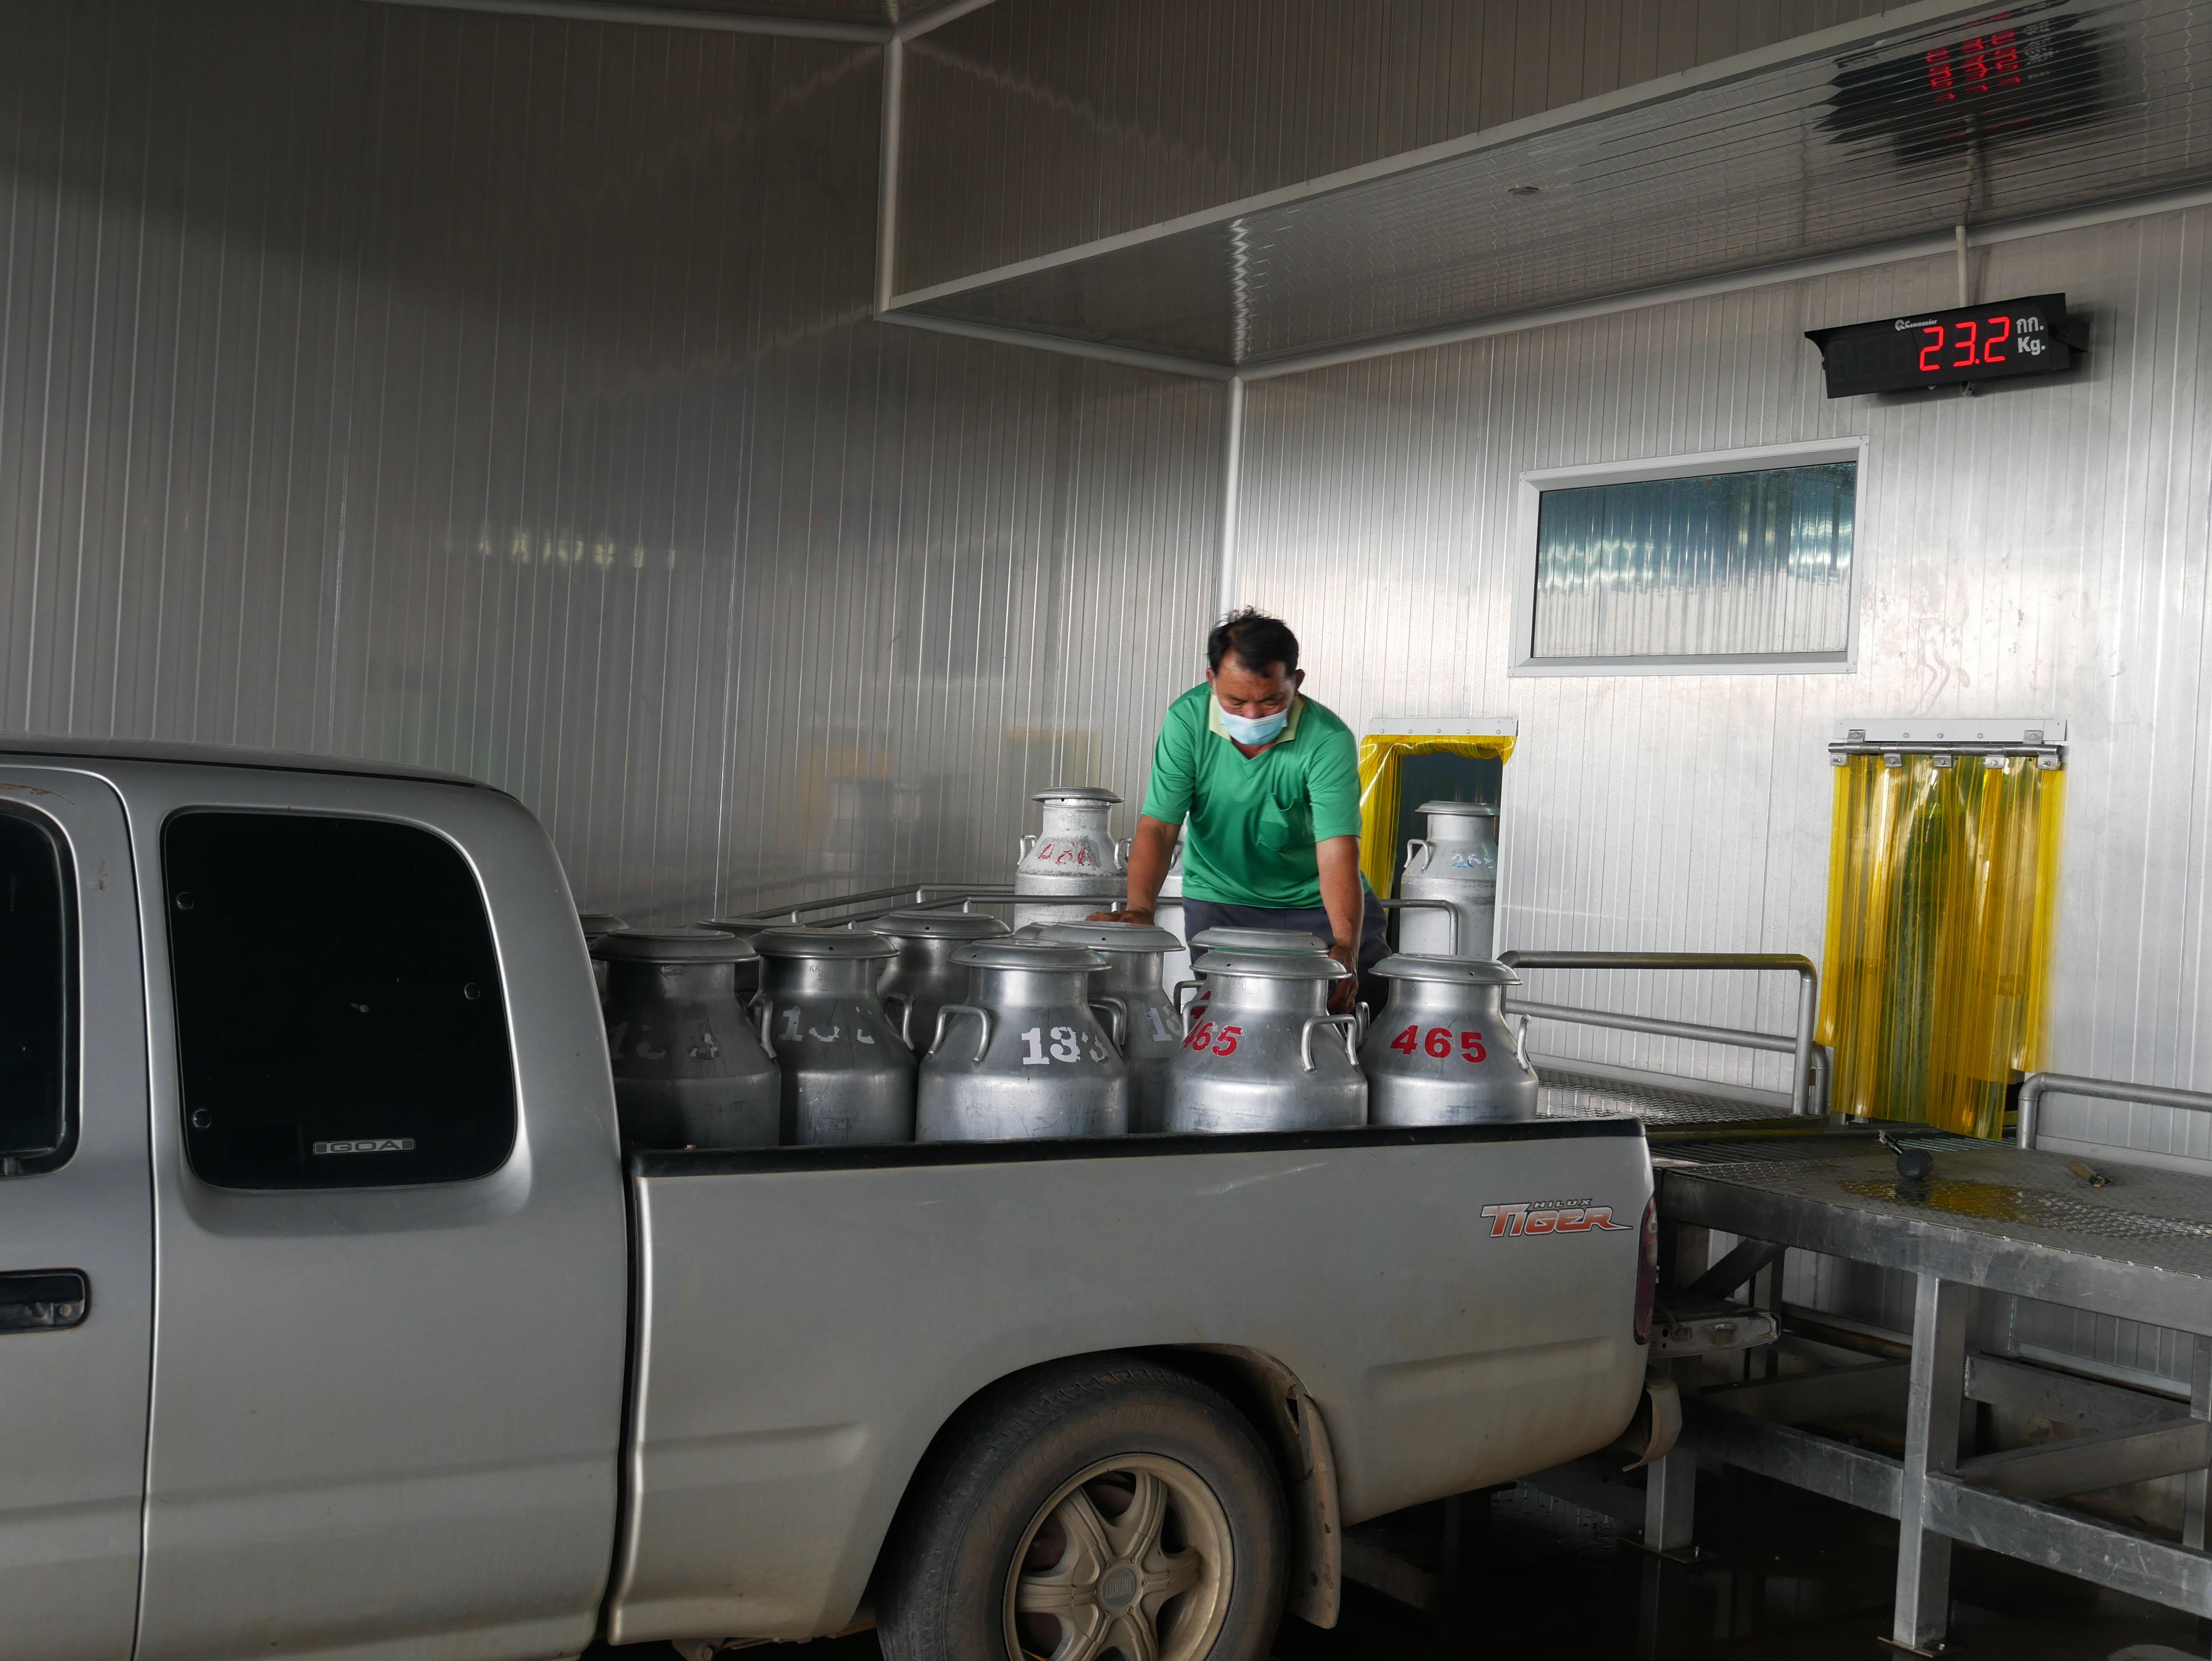 กองทุน FTA ช่วยเกษตรกรสร้างความมั่นคงด้านอาหารโคนมลพบุรี รองรับผลกระทบเปิดเสรีการค้าที่จะเกิดขึ้น